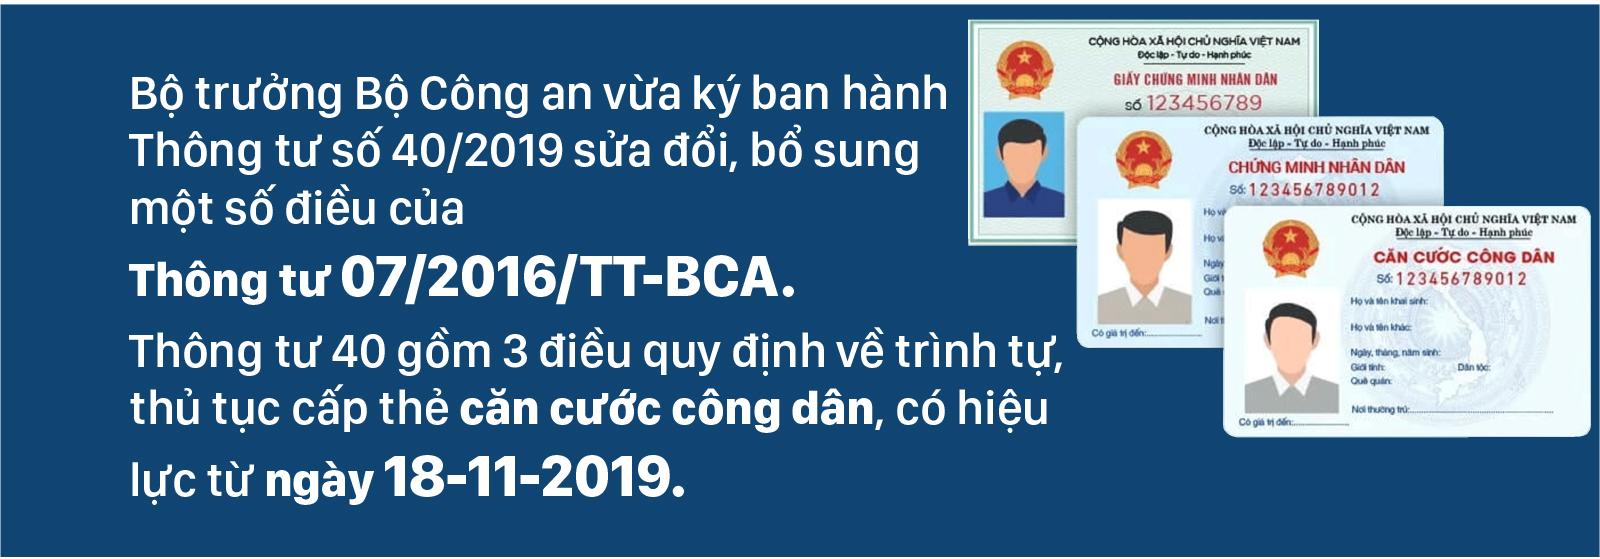 Từ ngày 18-11-2019 thủ tục cấp thẻ căn cước công dân có gì mới? ảnh 1